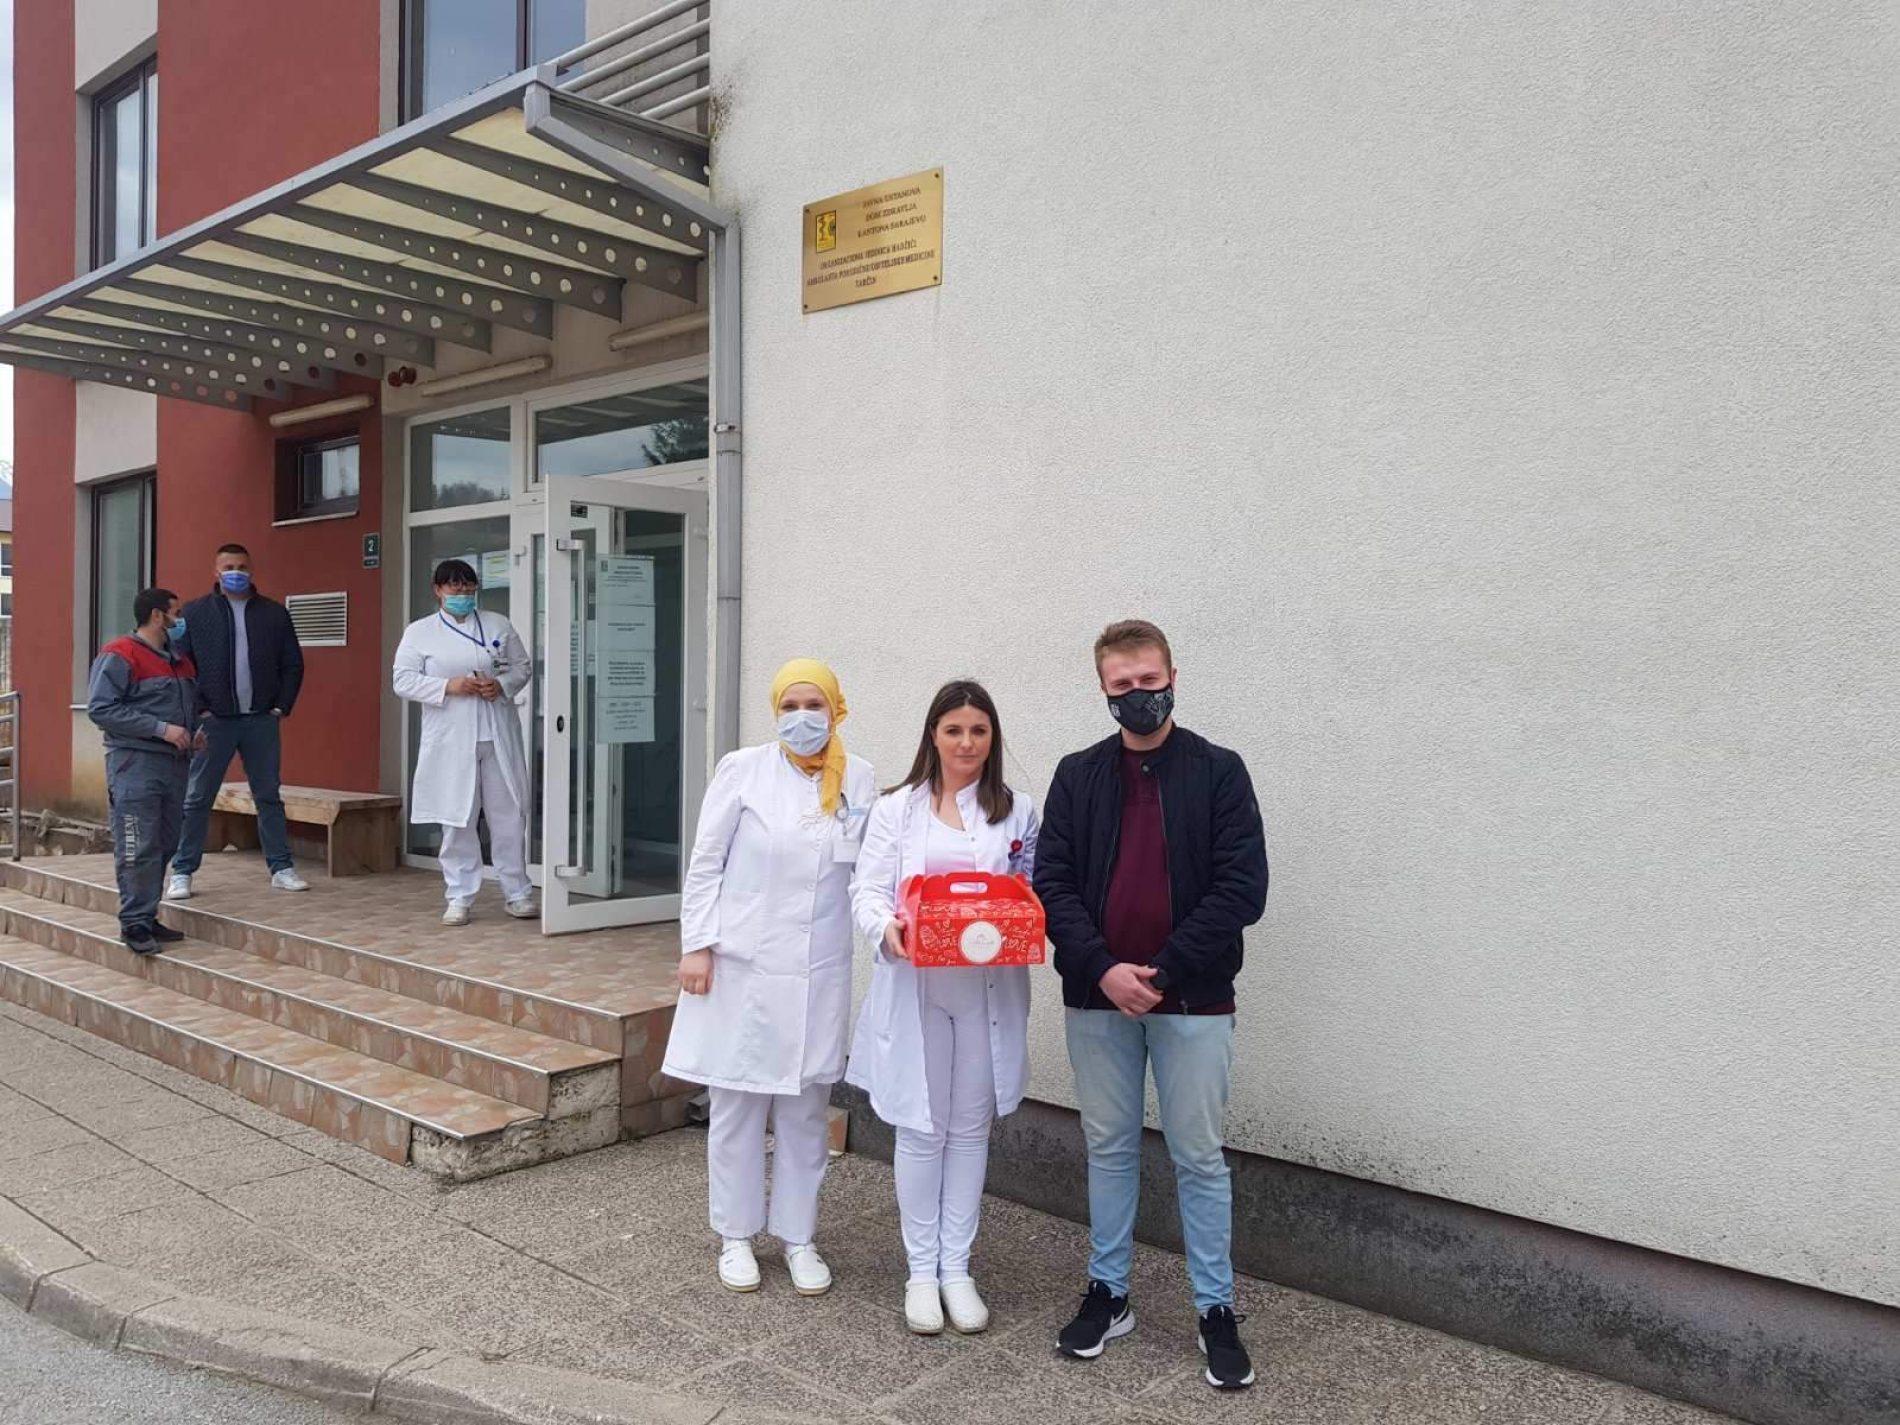 Mreža mladih Hadžići: Podrška zdravstvenim radnicima